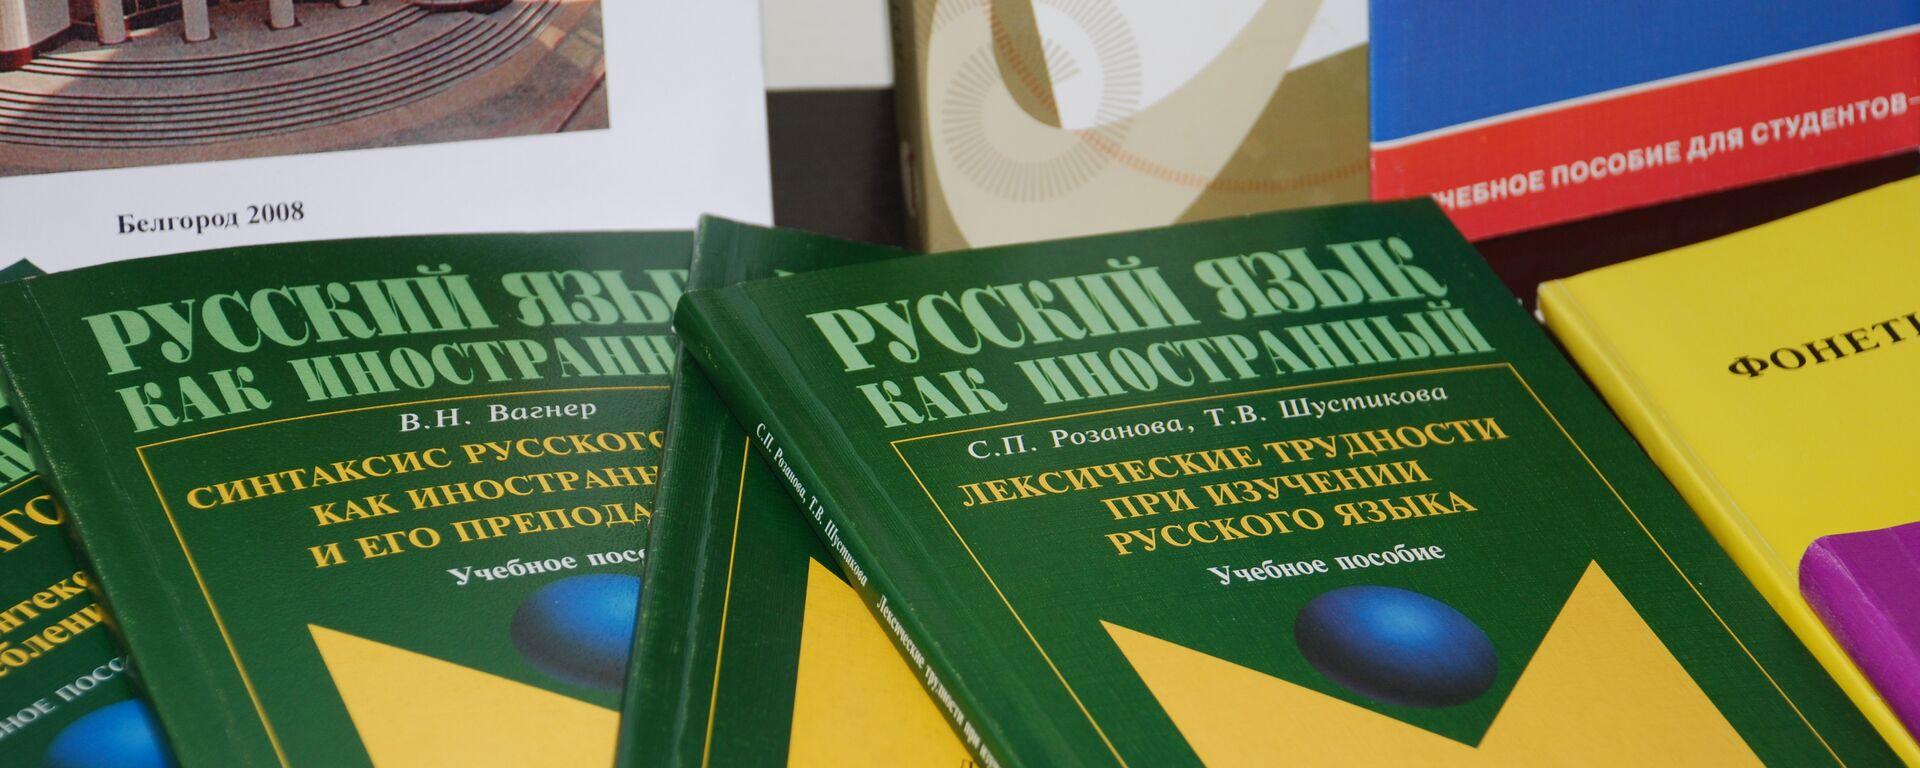 Los libros de texto de idioma ruso - Sputnik Mundo, 1920, 24.06.2021